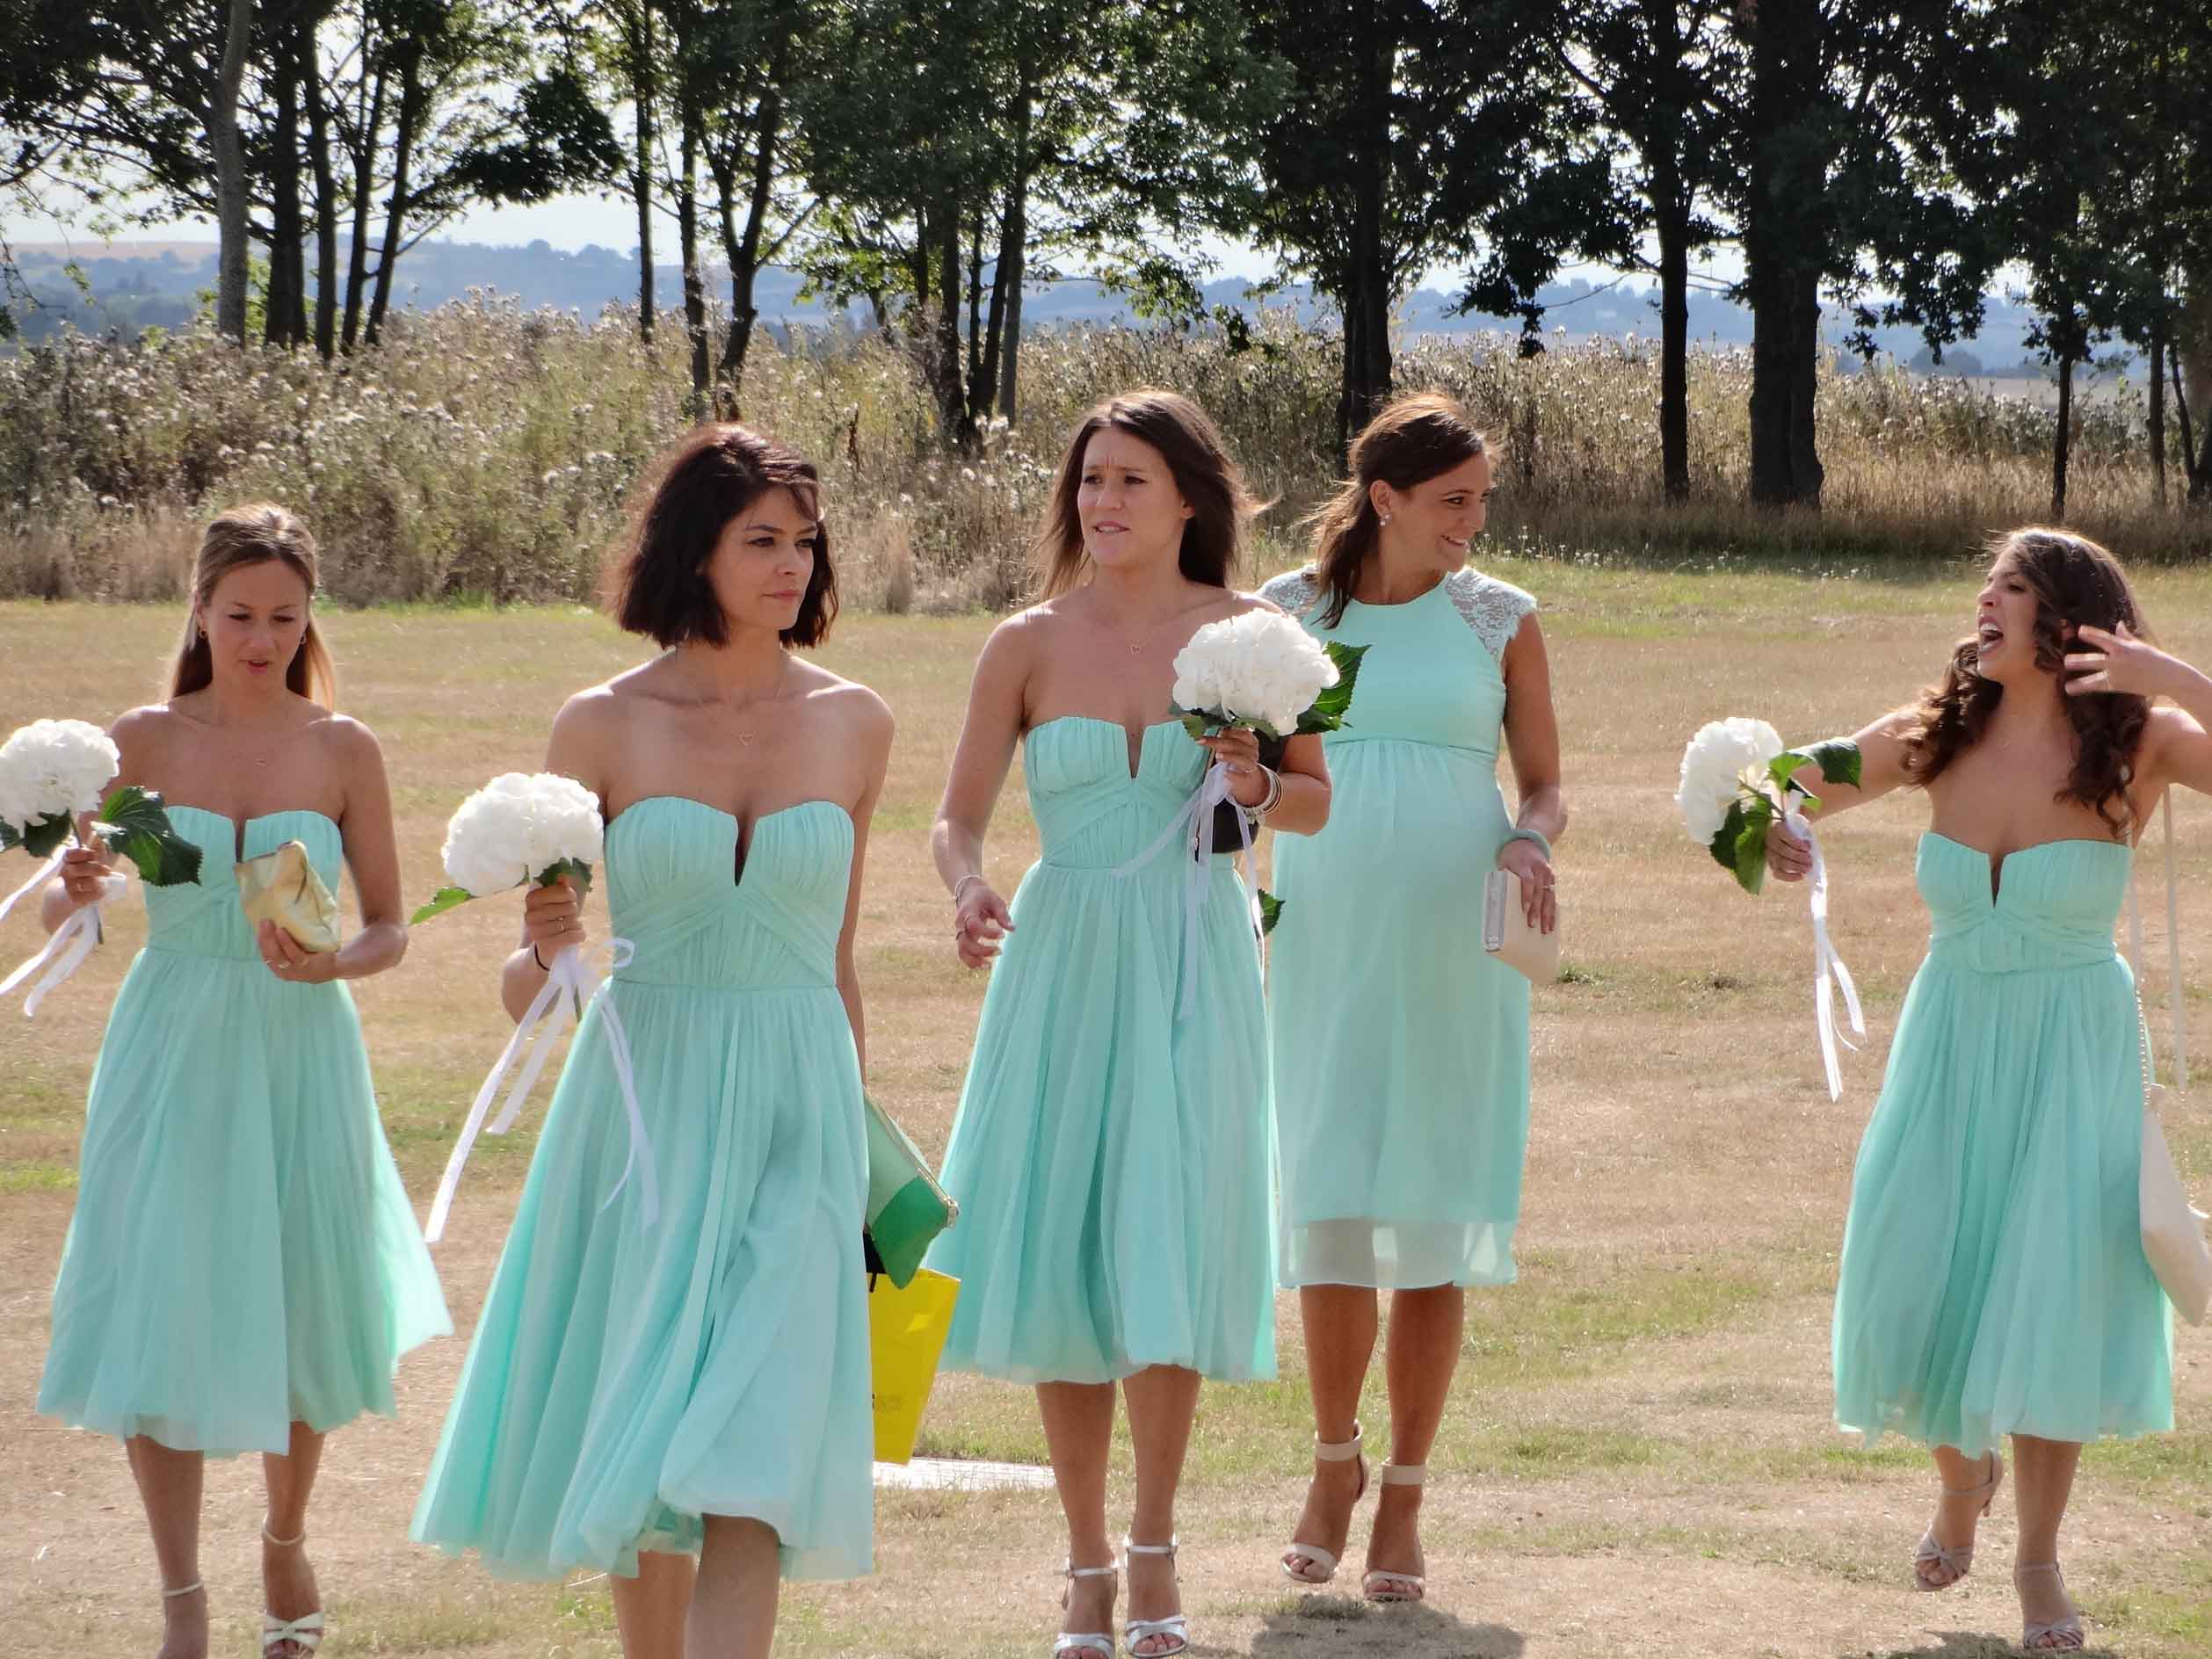 wedding services Hertfordshire, wedding suppliers Hertfordshire, venue for wedding in Herts,